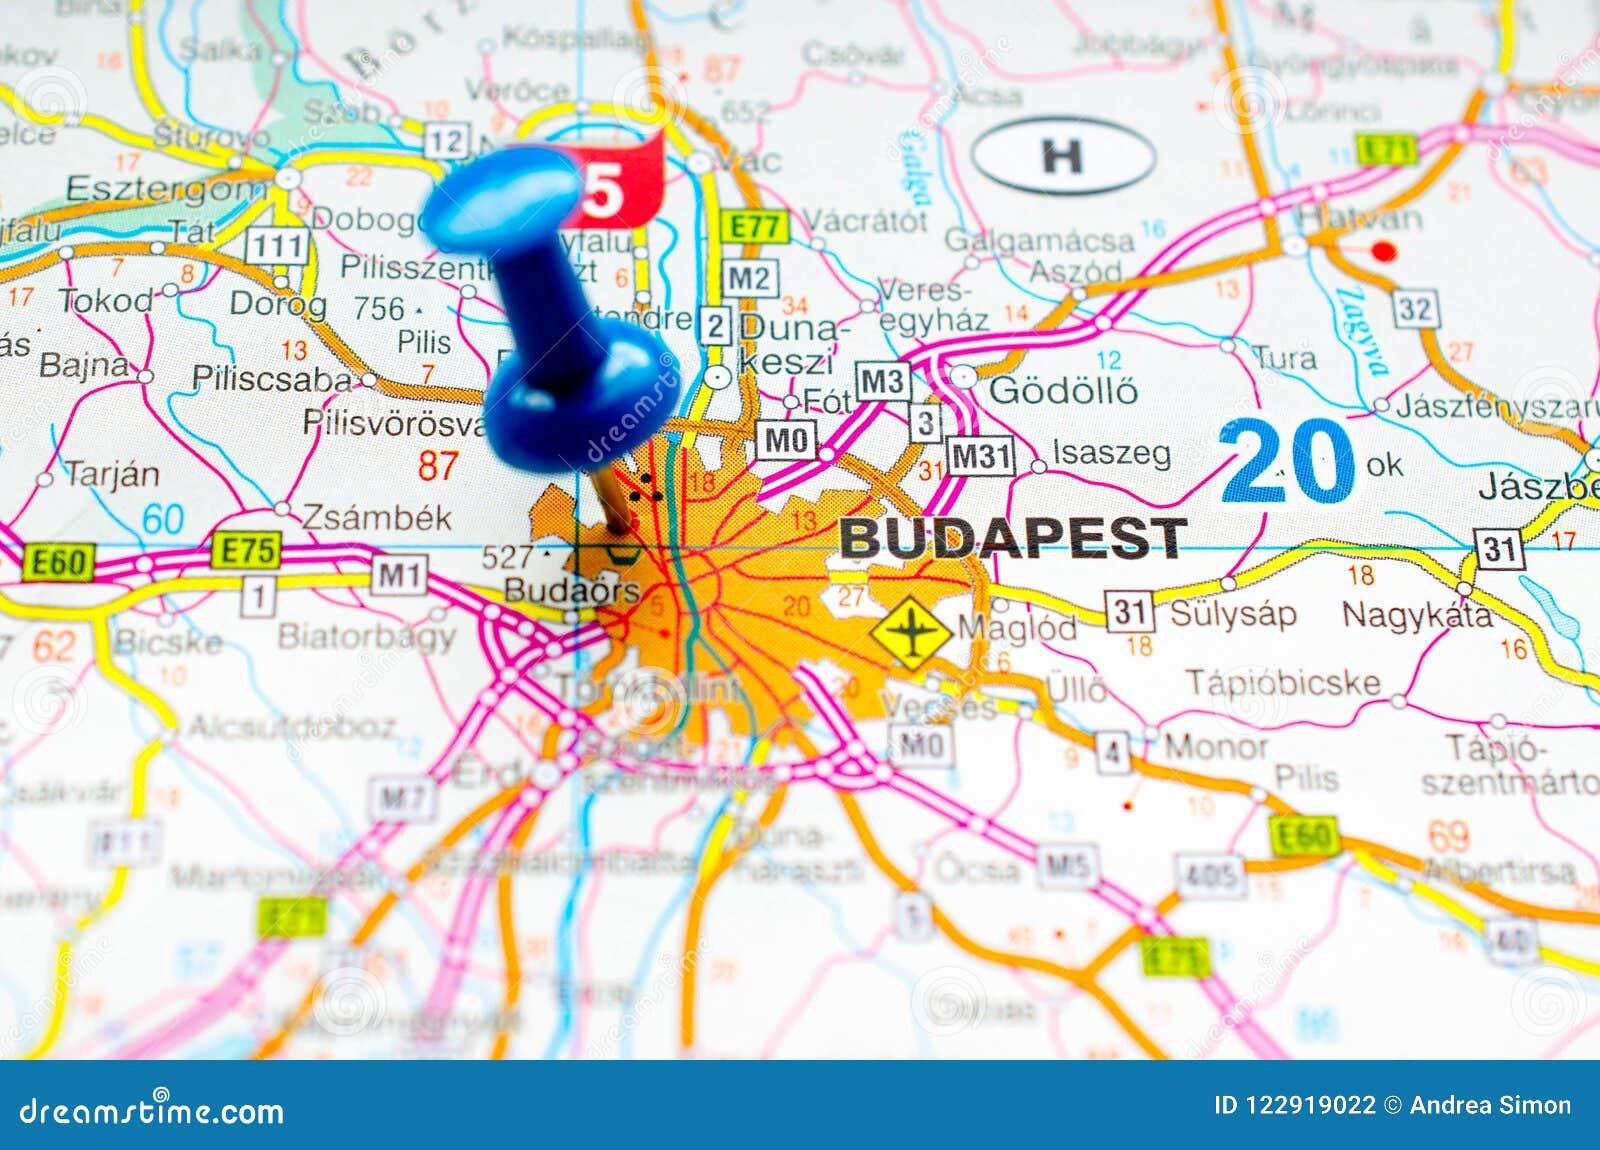 budapest karte Budapest auf Karte stockfoto. Bild von geographie, cartography